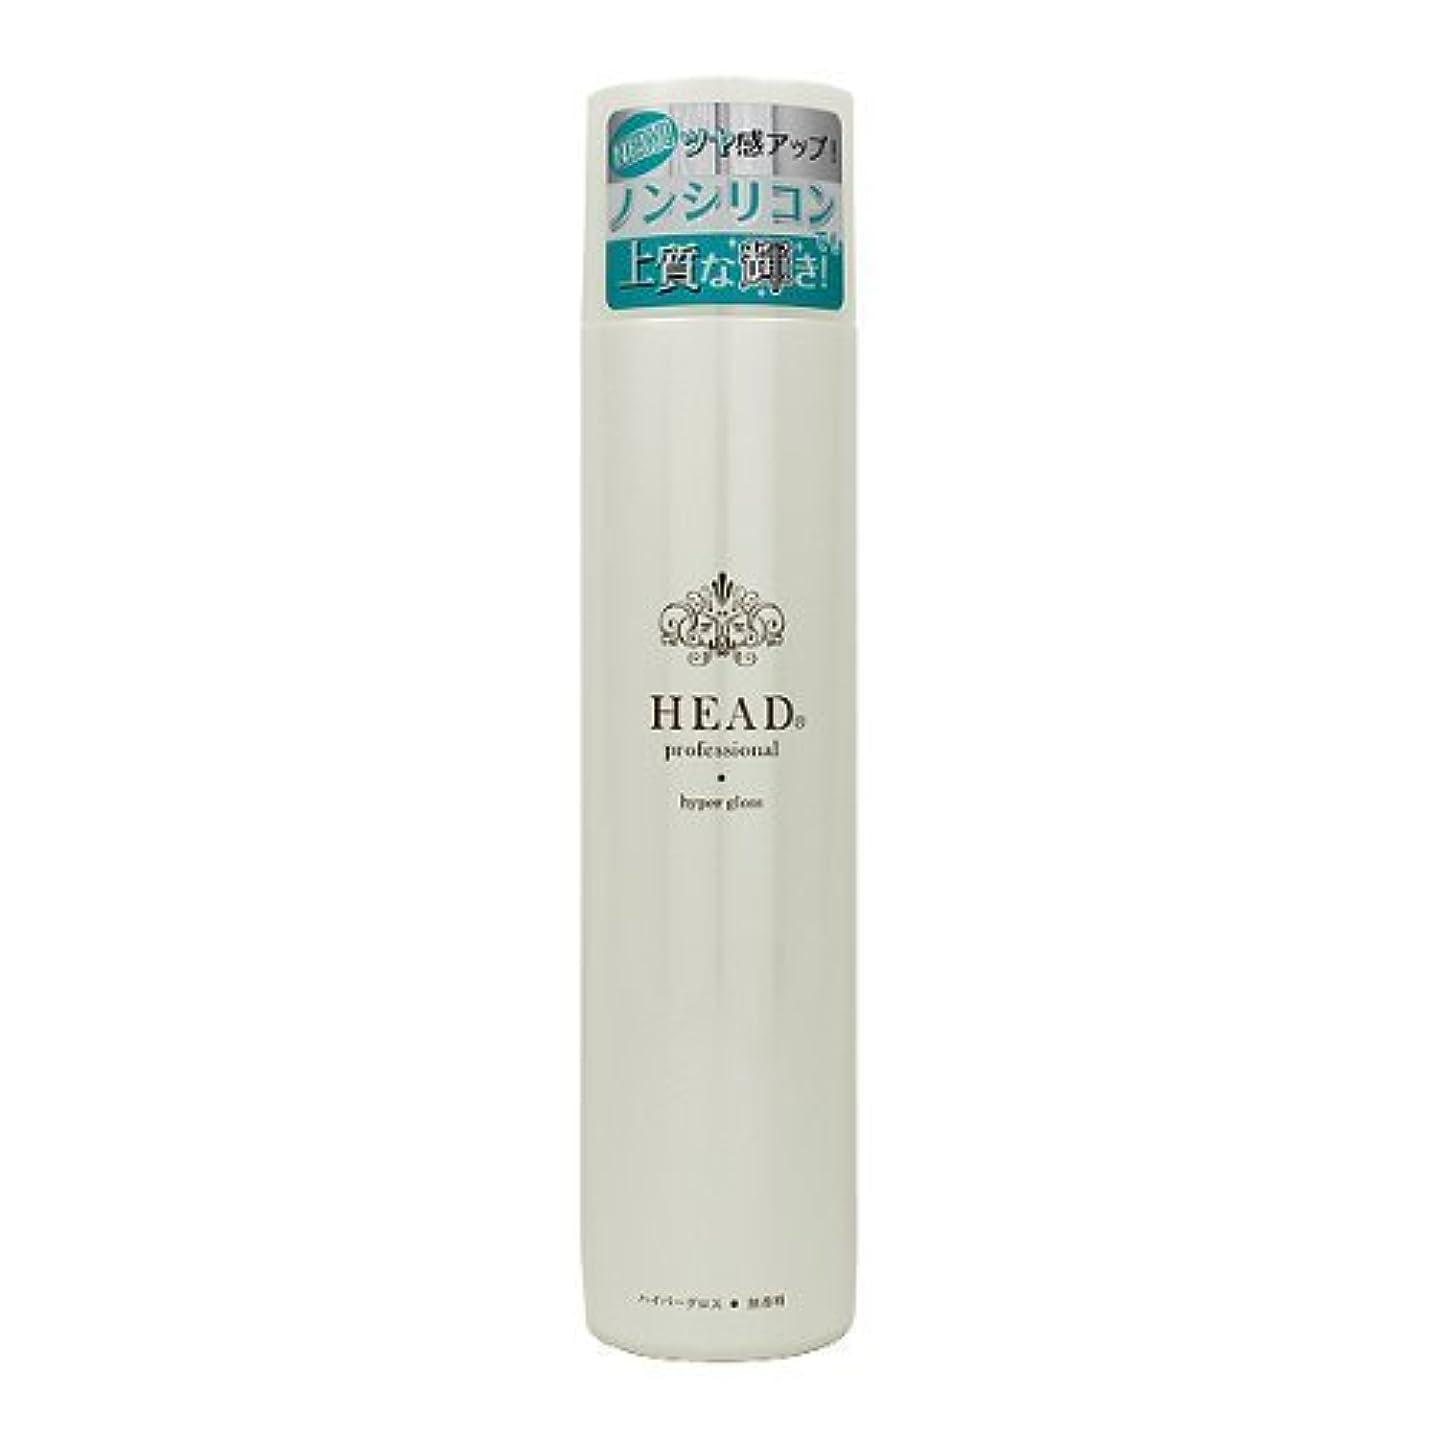 スツール哲学博士方法論HEAD プロフェッショナル ヘアスプレー ハイパーグロス 無香料 160g